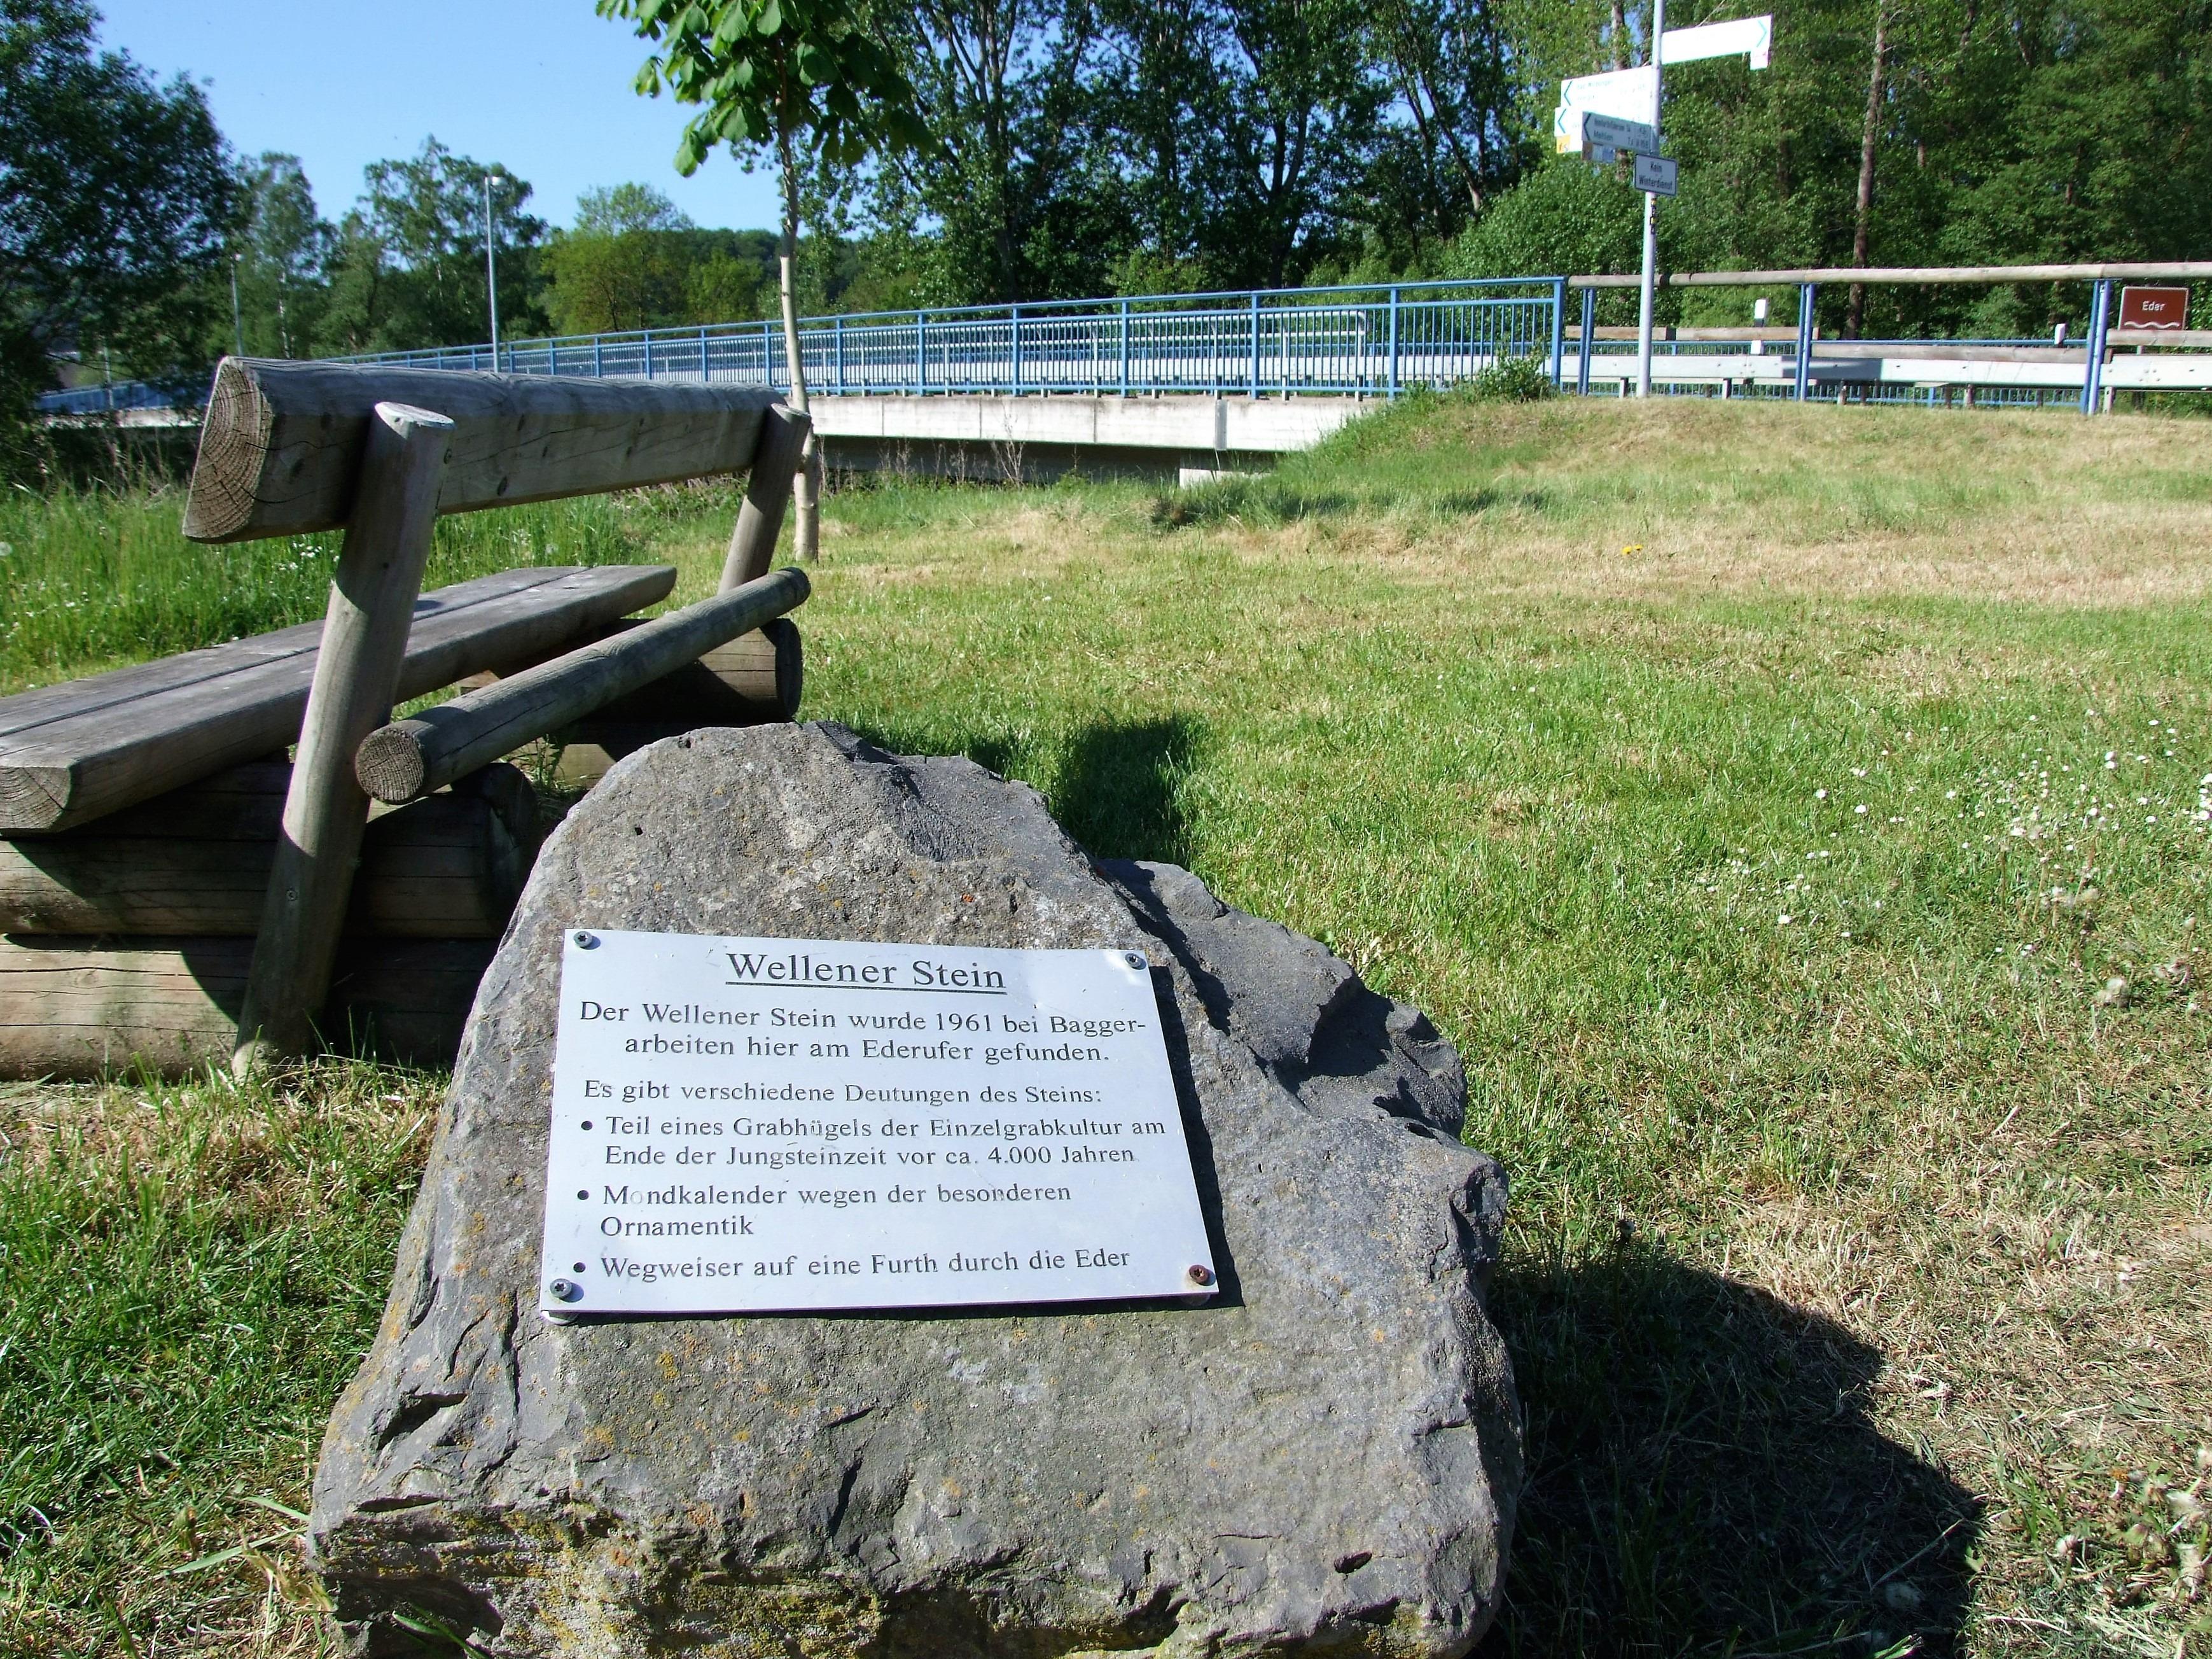 Hinweis auf den Wellener Stein an der Ederbrücke. (Foto: Uli Klein)